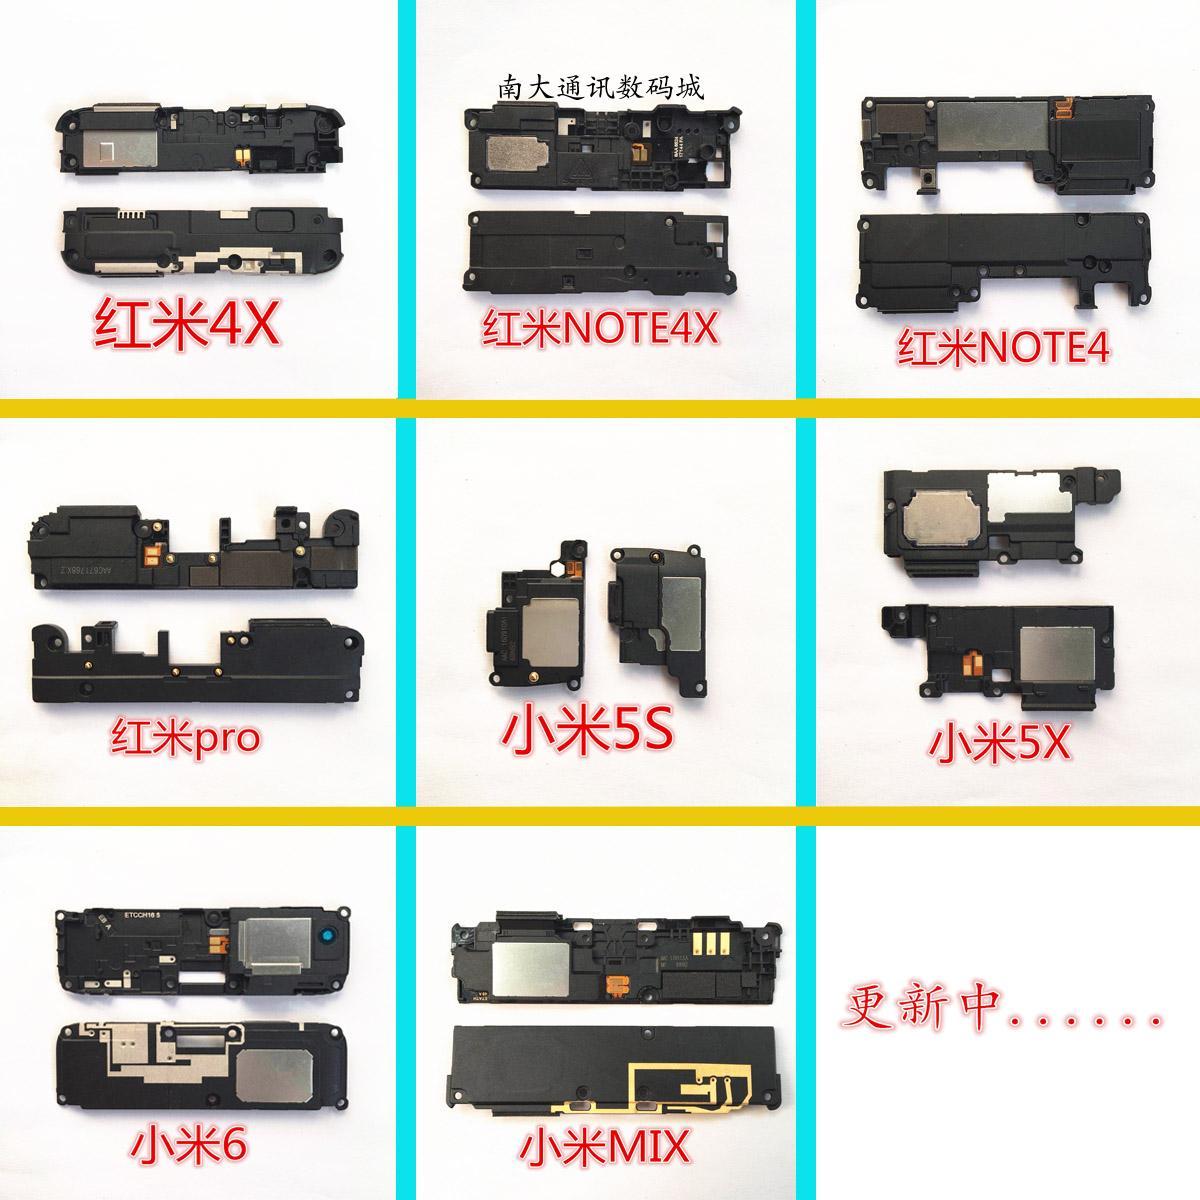 适用于小米6 米5SPLUS  5X 4X NOTE4X NOTE4 红米4 PRO 喇叭听筒